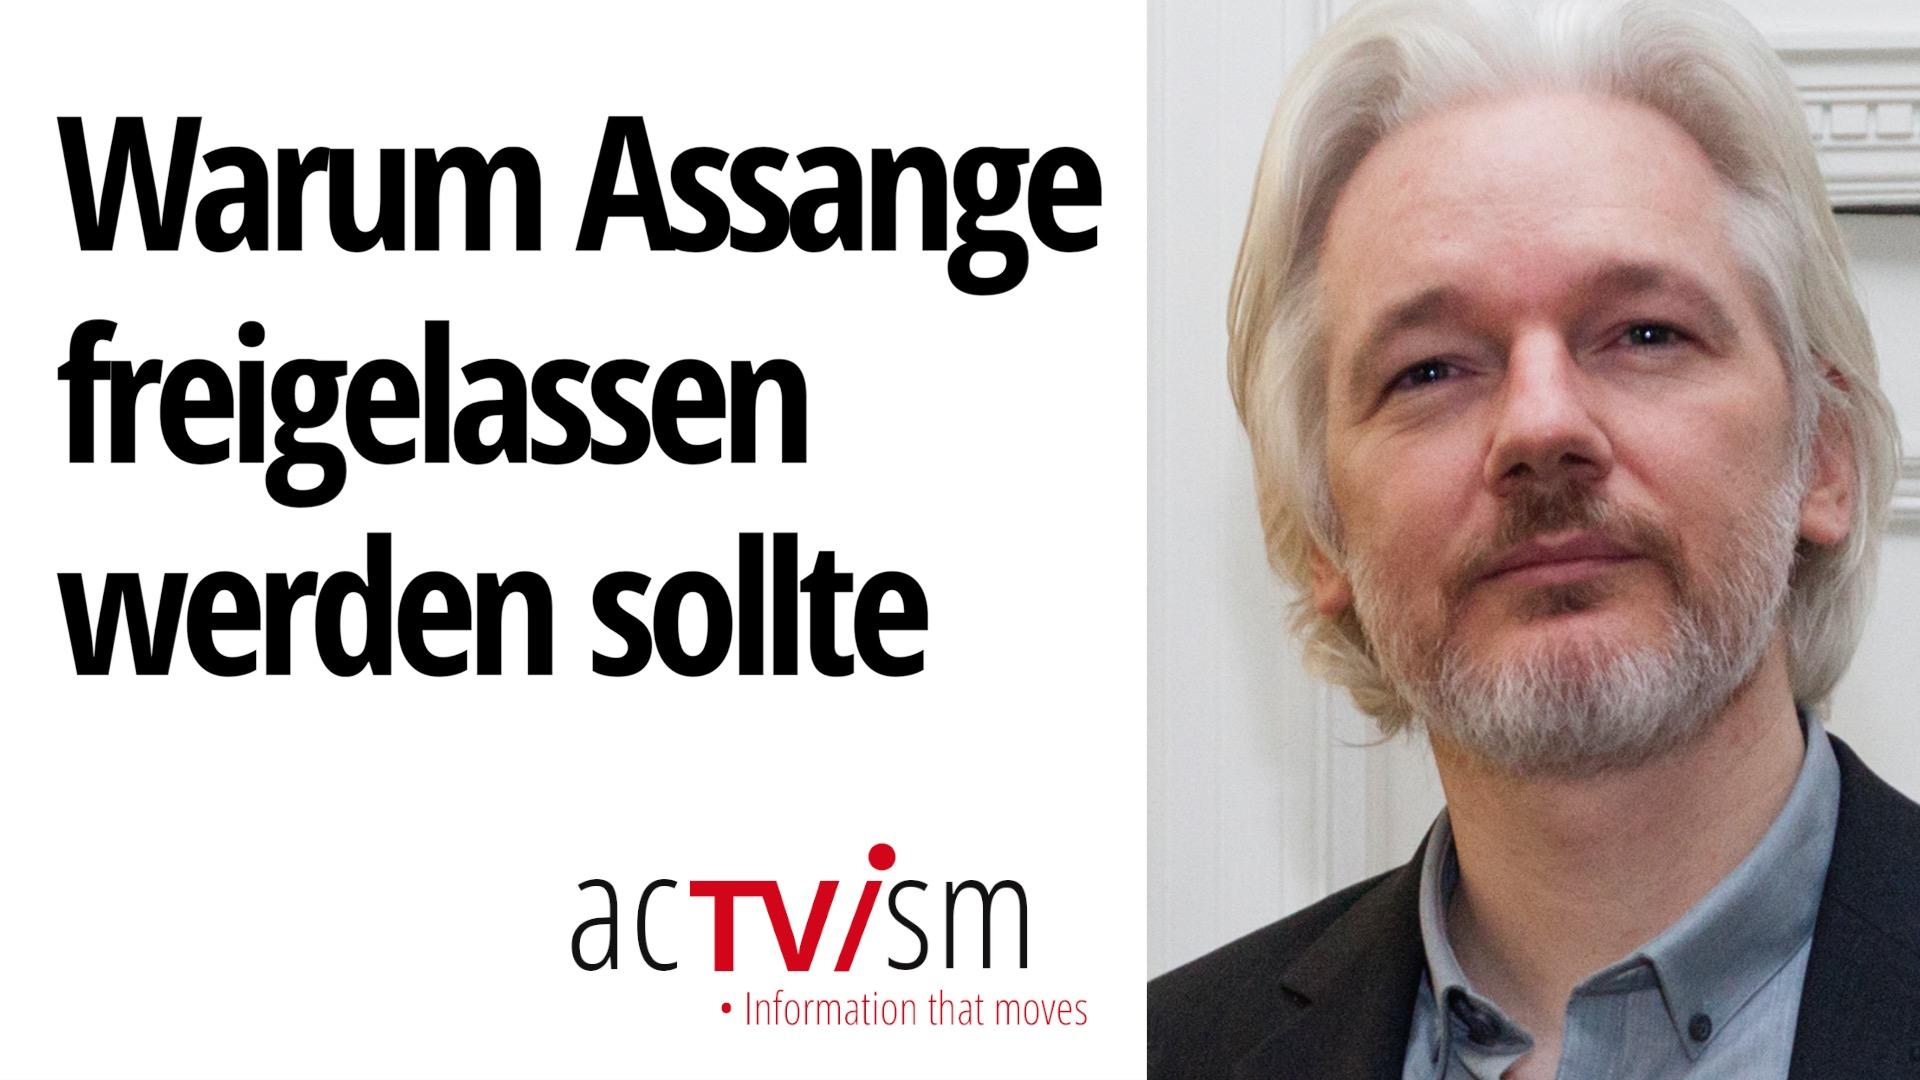 Warum Julian Assange jetzt freigelassen werden sollte | National Union of Journalists